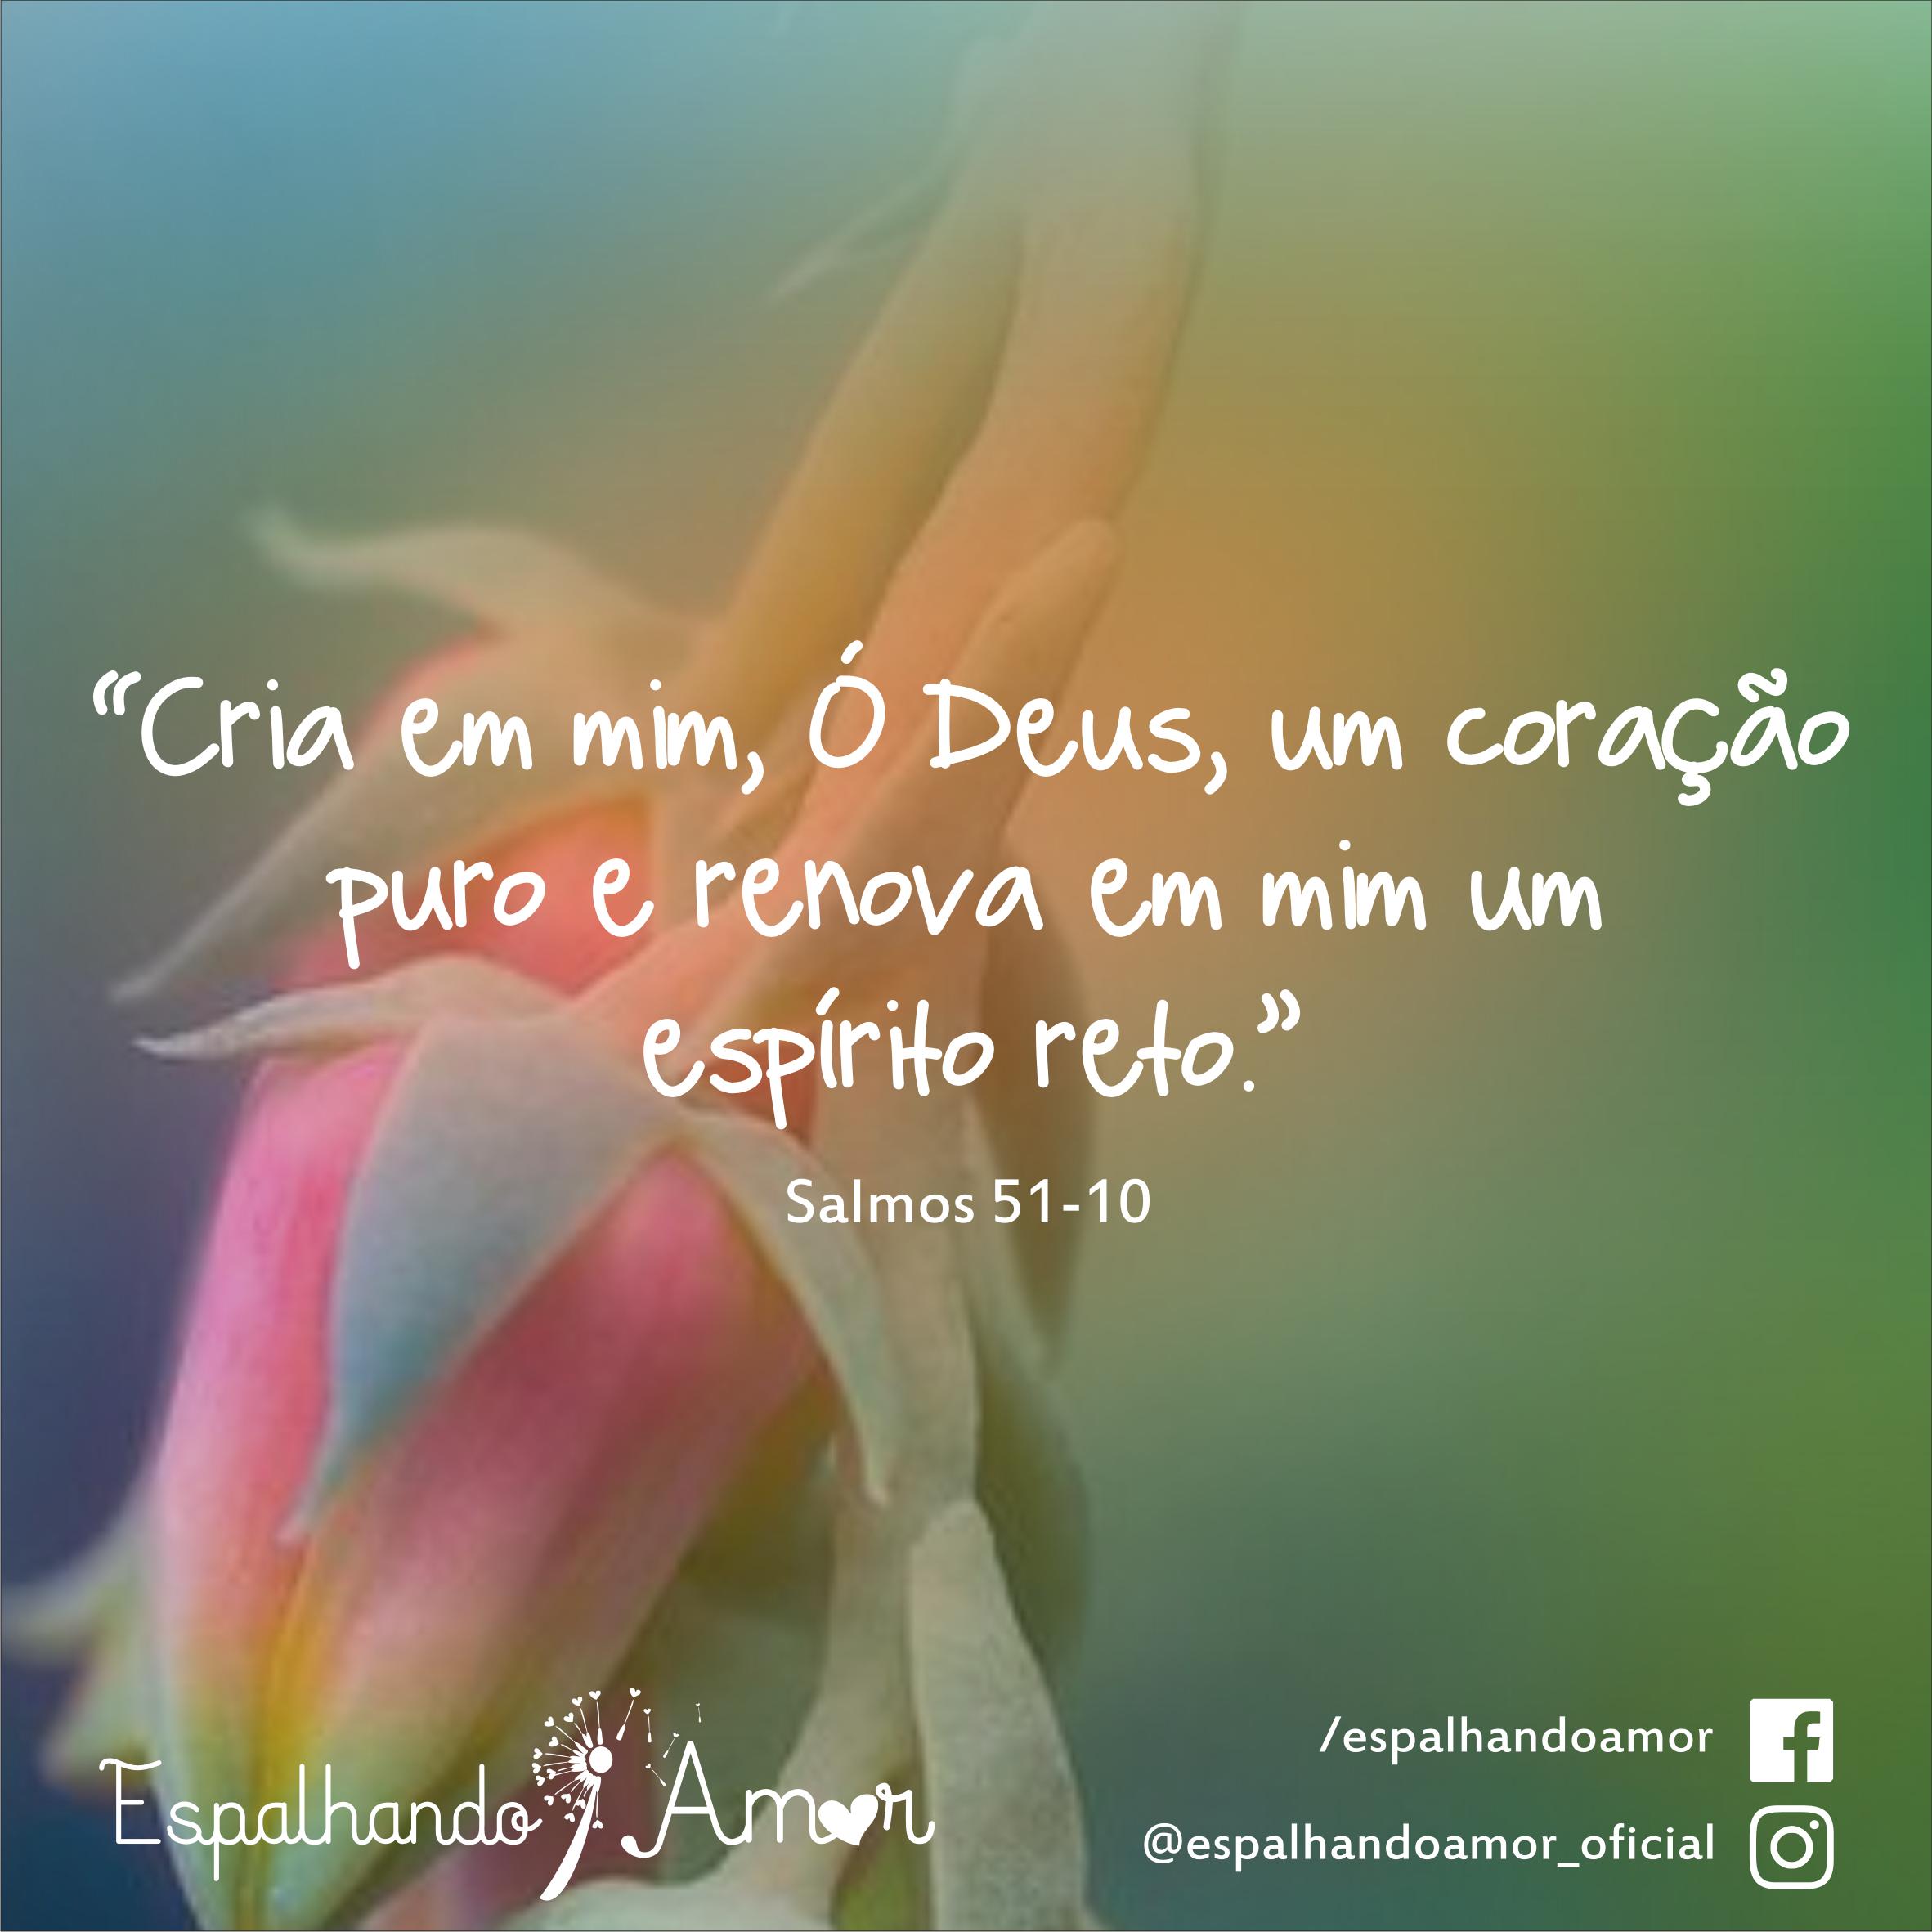 Frases De Deus Amor De Deus Salmos Bíblia Sagrada Frases